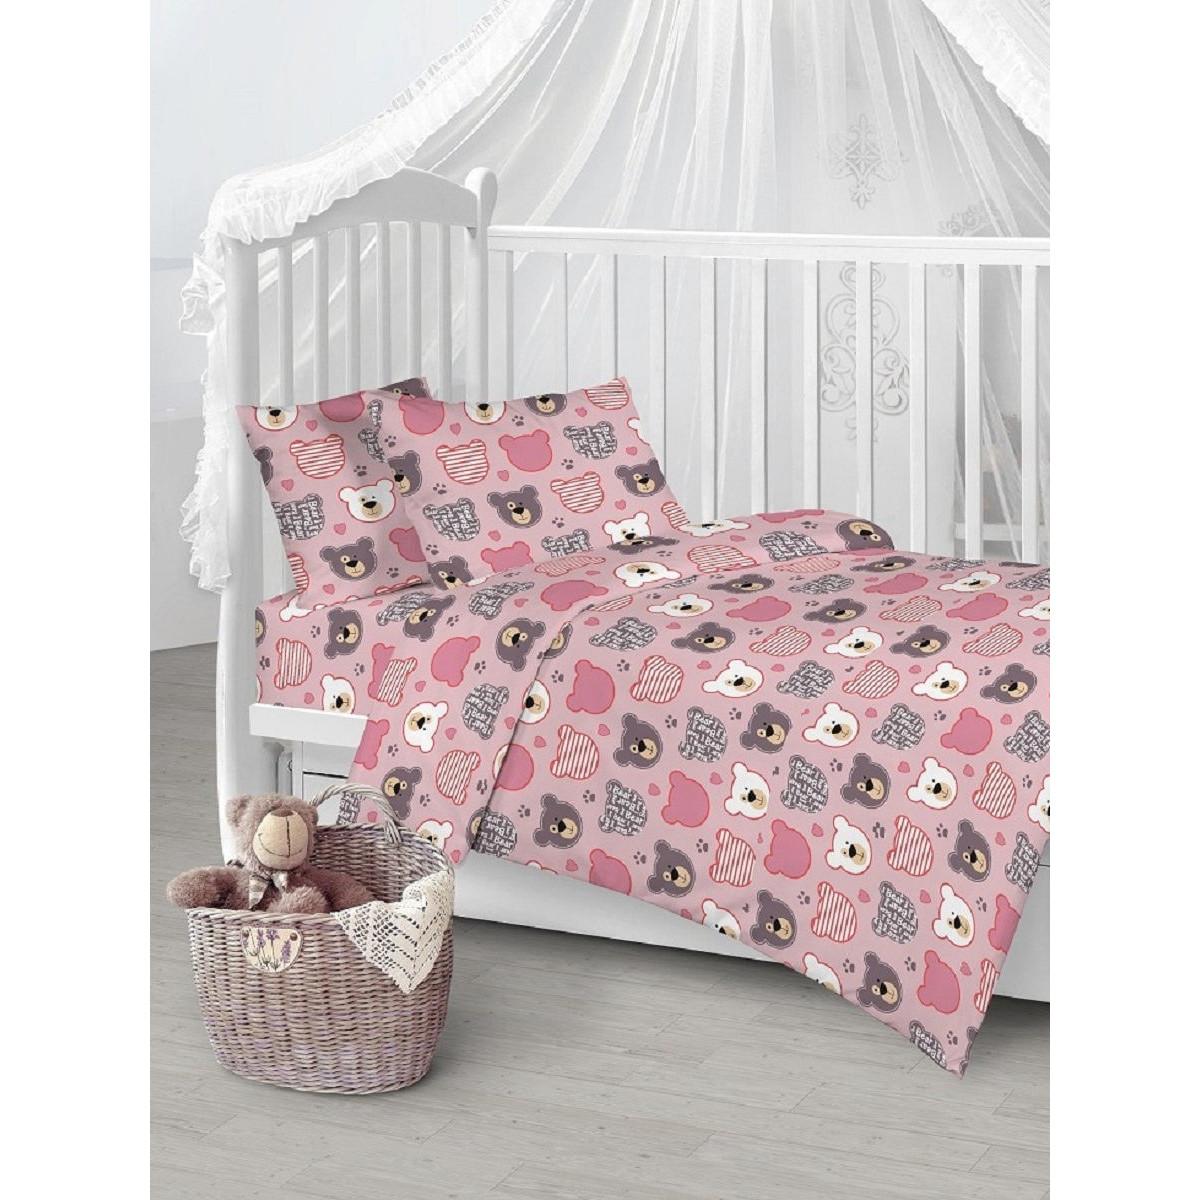 Детское постельное белье Текстильная лавка Мишки пэчворк бязь